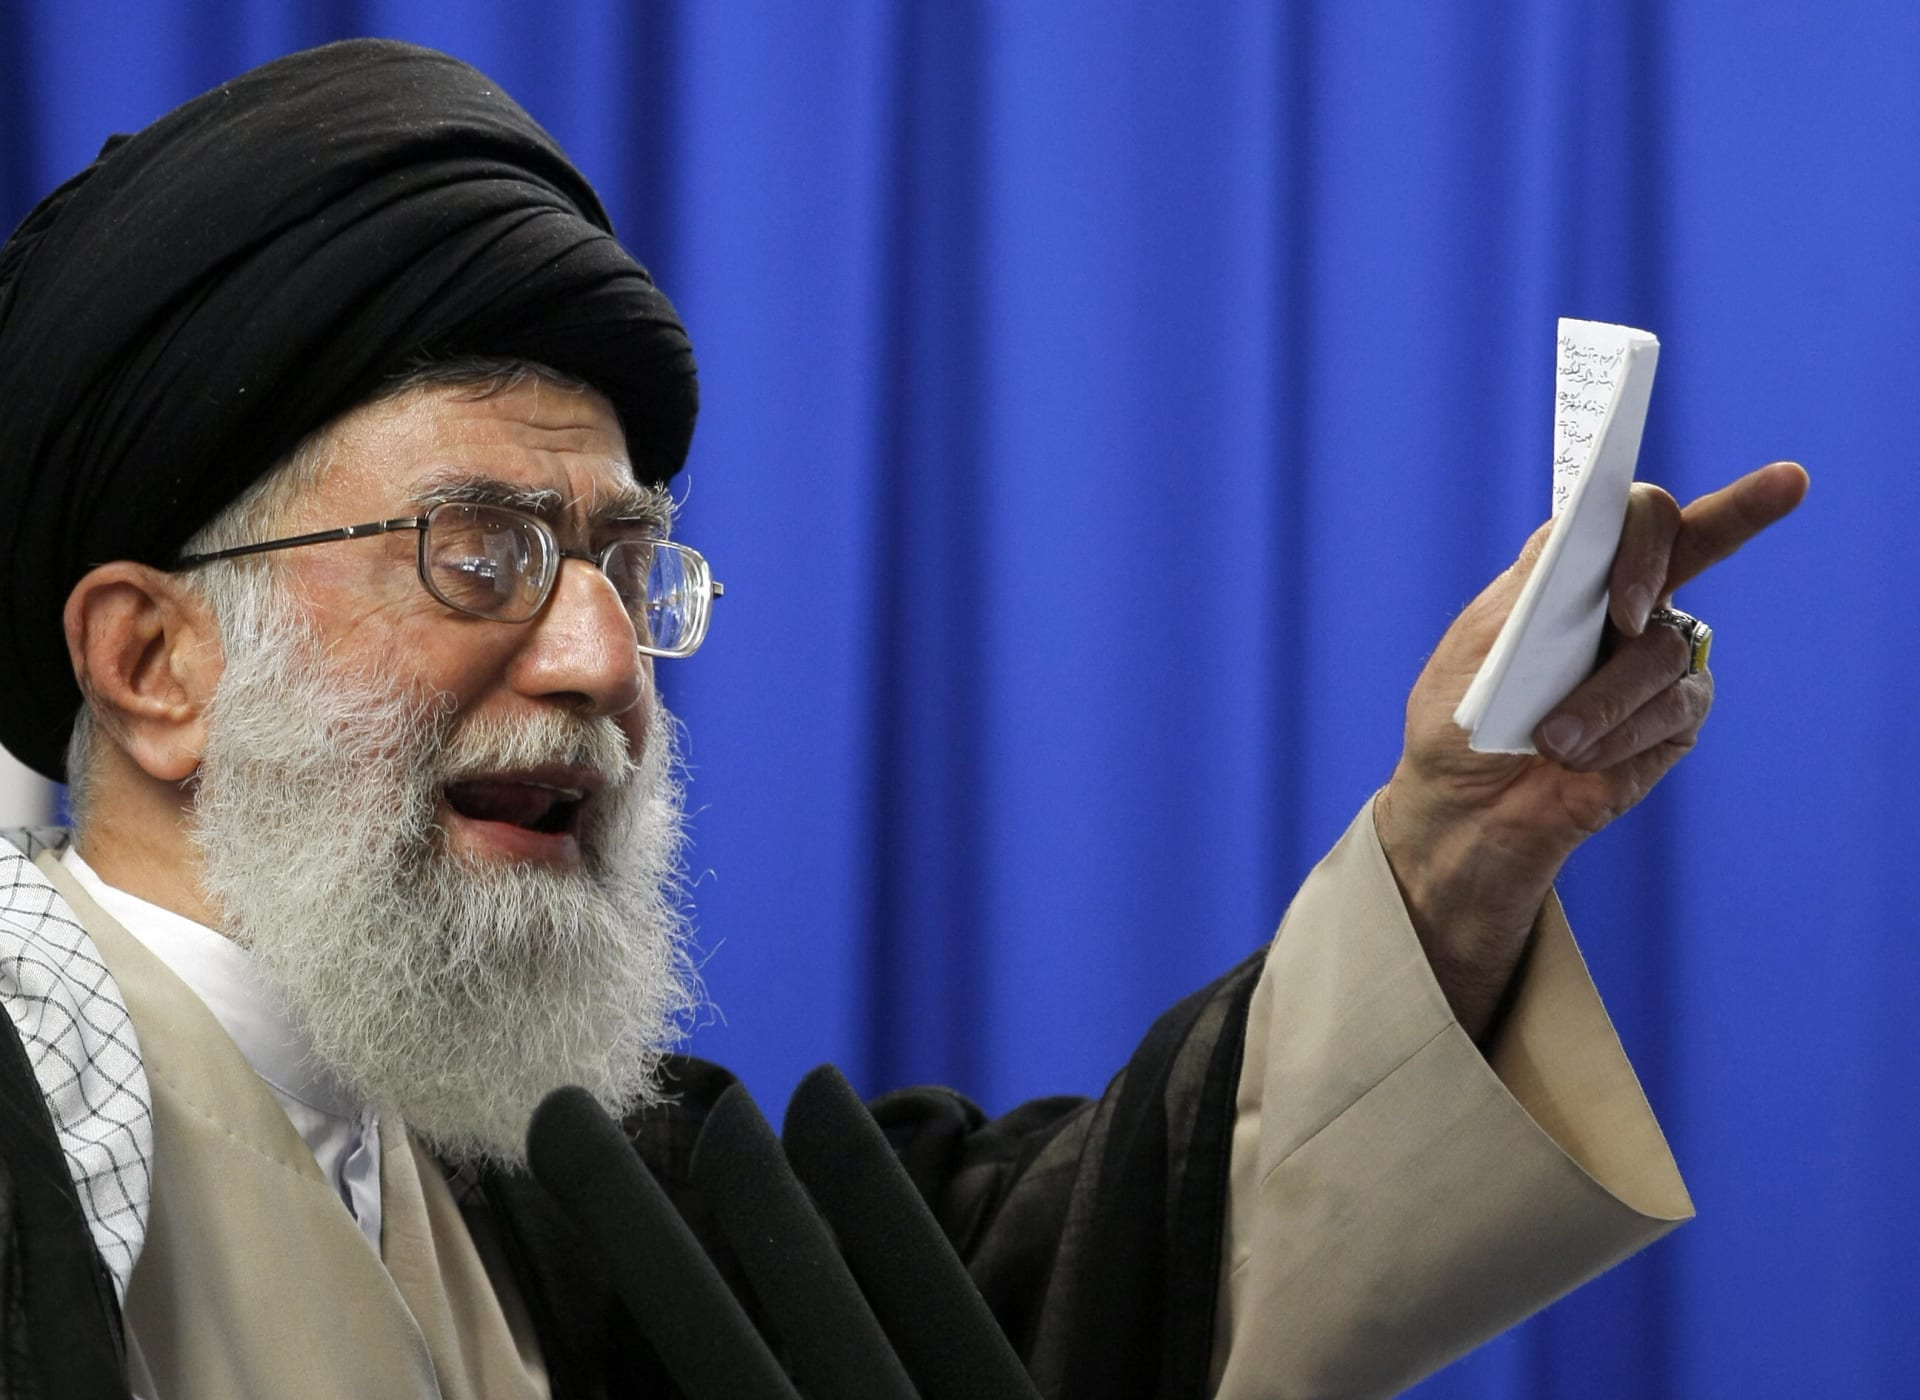 خامنئي: أمريكا تدعم داعش في العراق.. وإيران تشعر بالأخوّة تجاه الدول الإسلامية